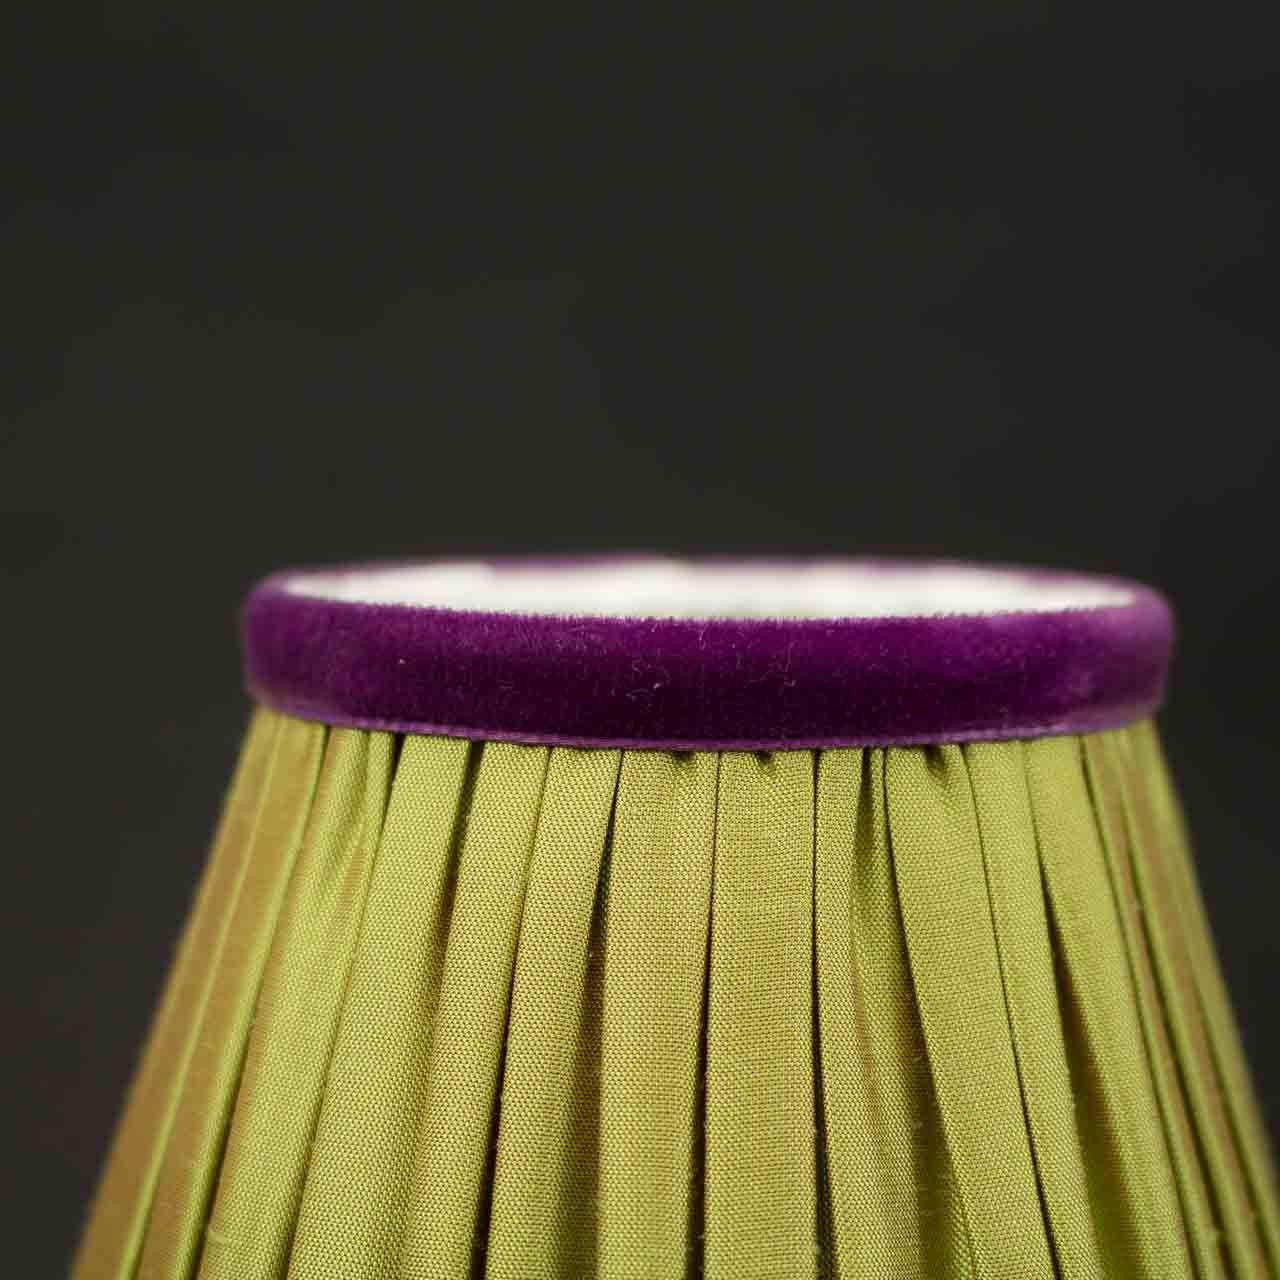 abat jour pour lampe de chevet sylvie gransart antiquaire. Black Bedroom Furniture Sets. Home Design Ideas